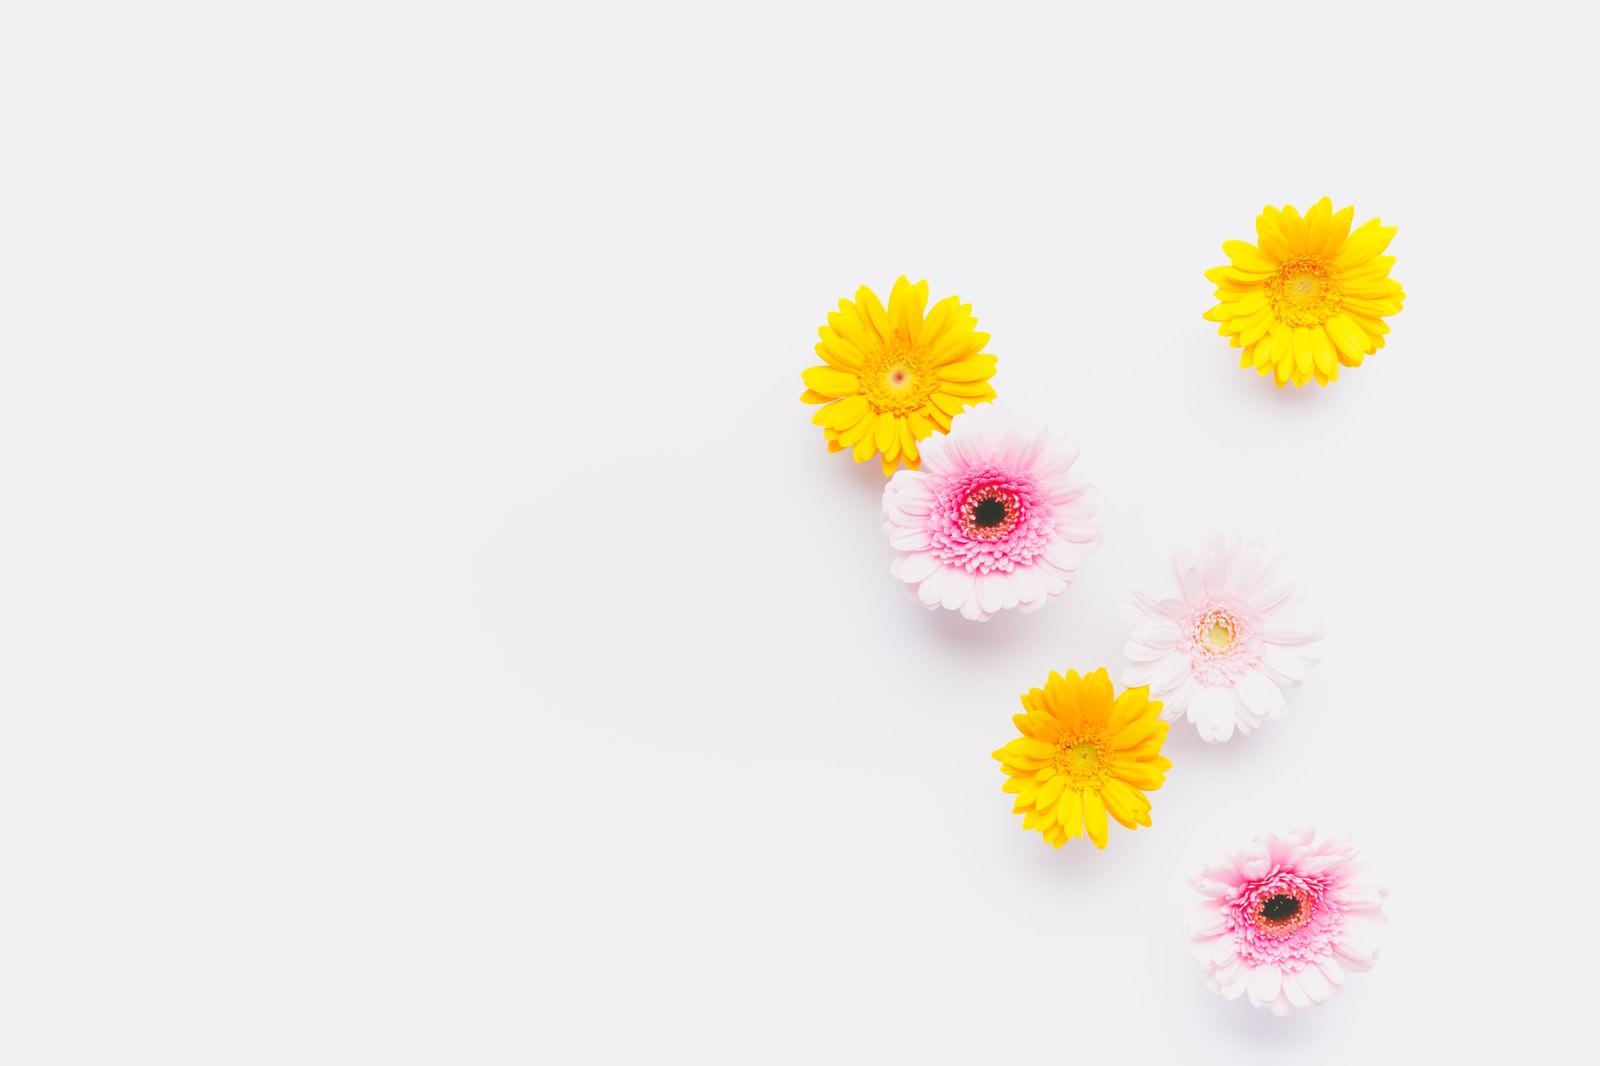 ガーベラの花 マット 無料の写真素材はフリー素材のぱくたそ